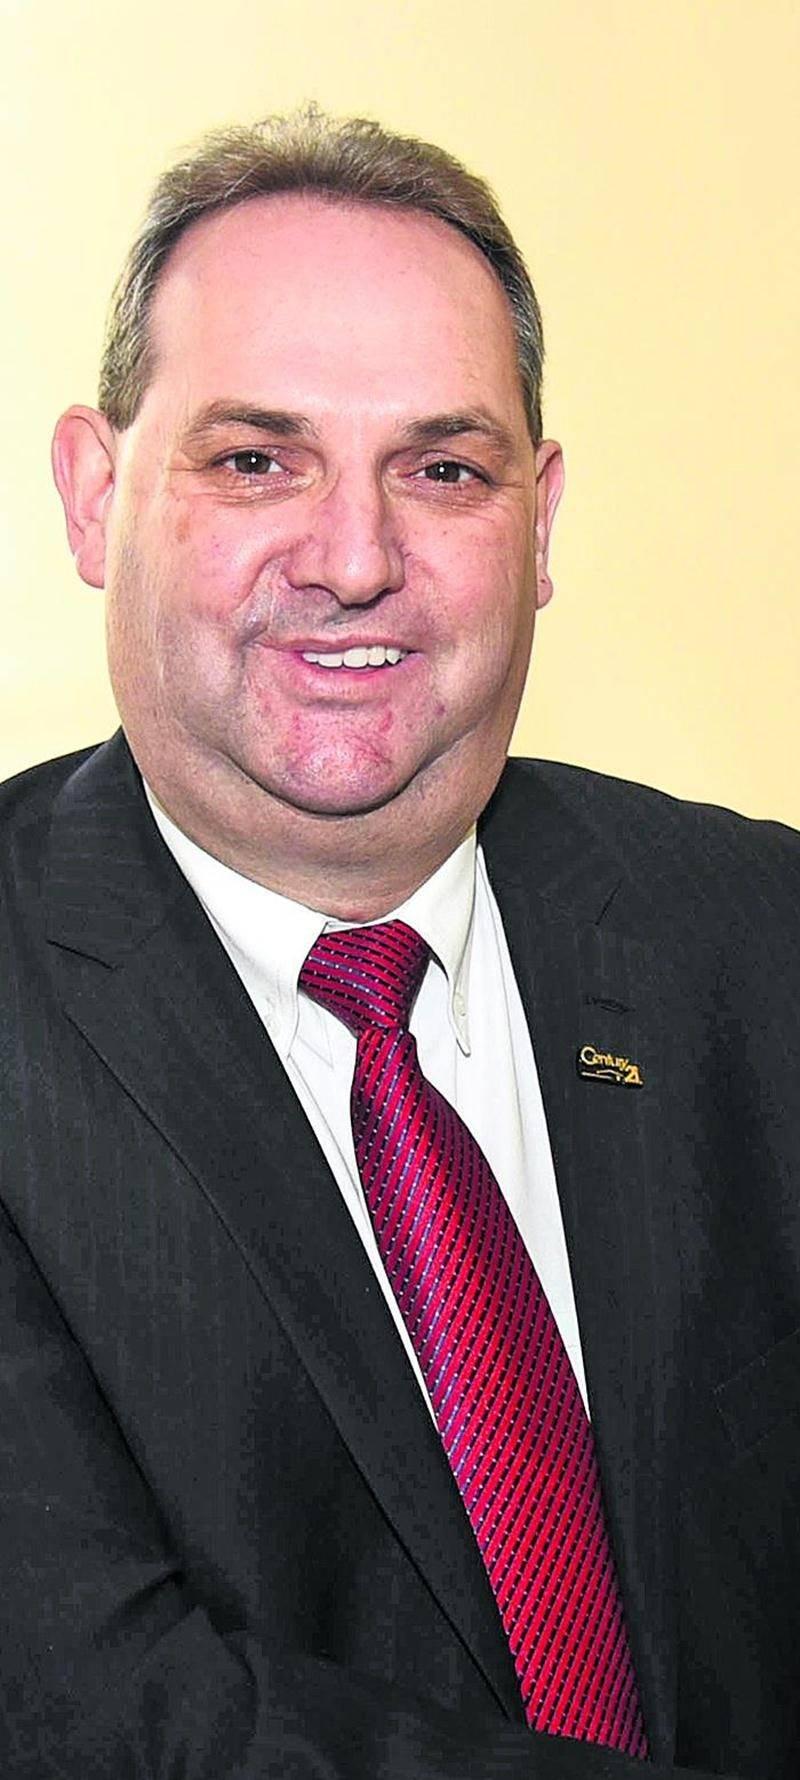 Danny Laroche, candidat à l'élection partielle dans Saint-Sacrement. Photo François Larivière | Le Courrier ©